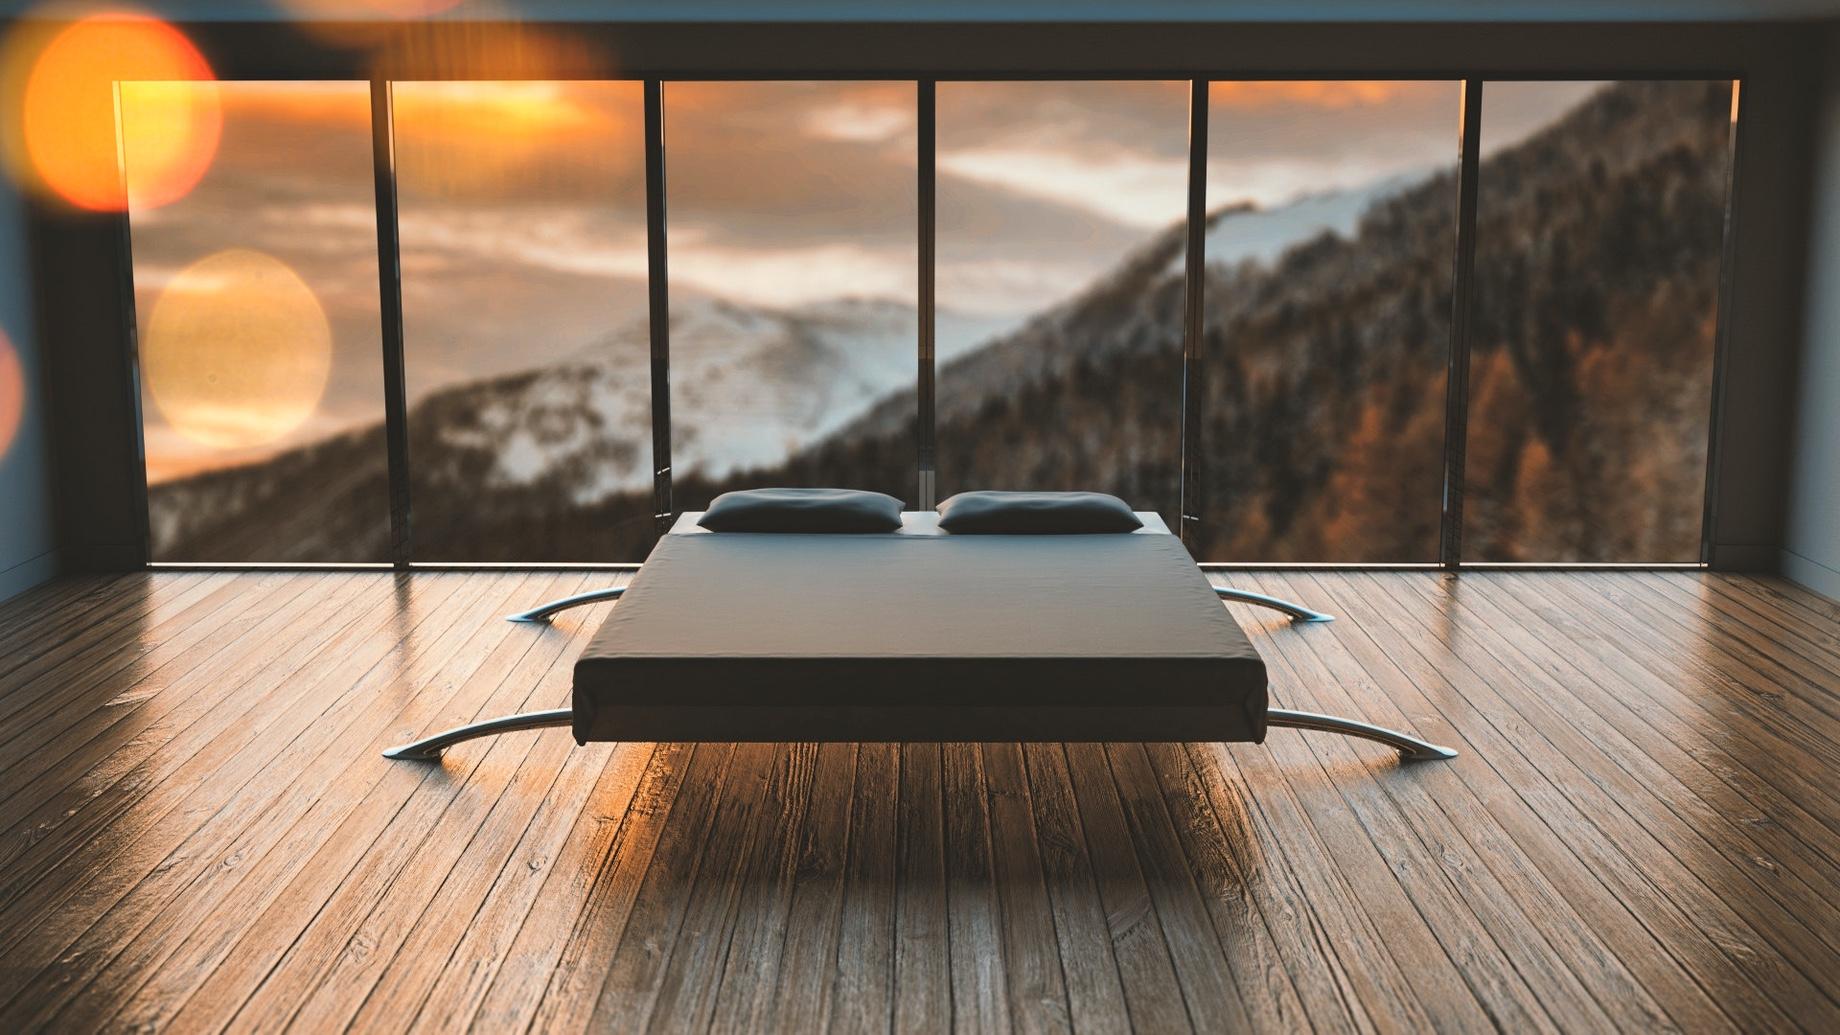 Minimalism Bedroom - Interior Design Trends in 2021